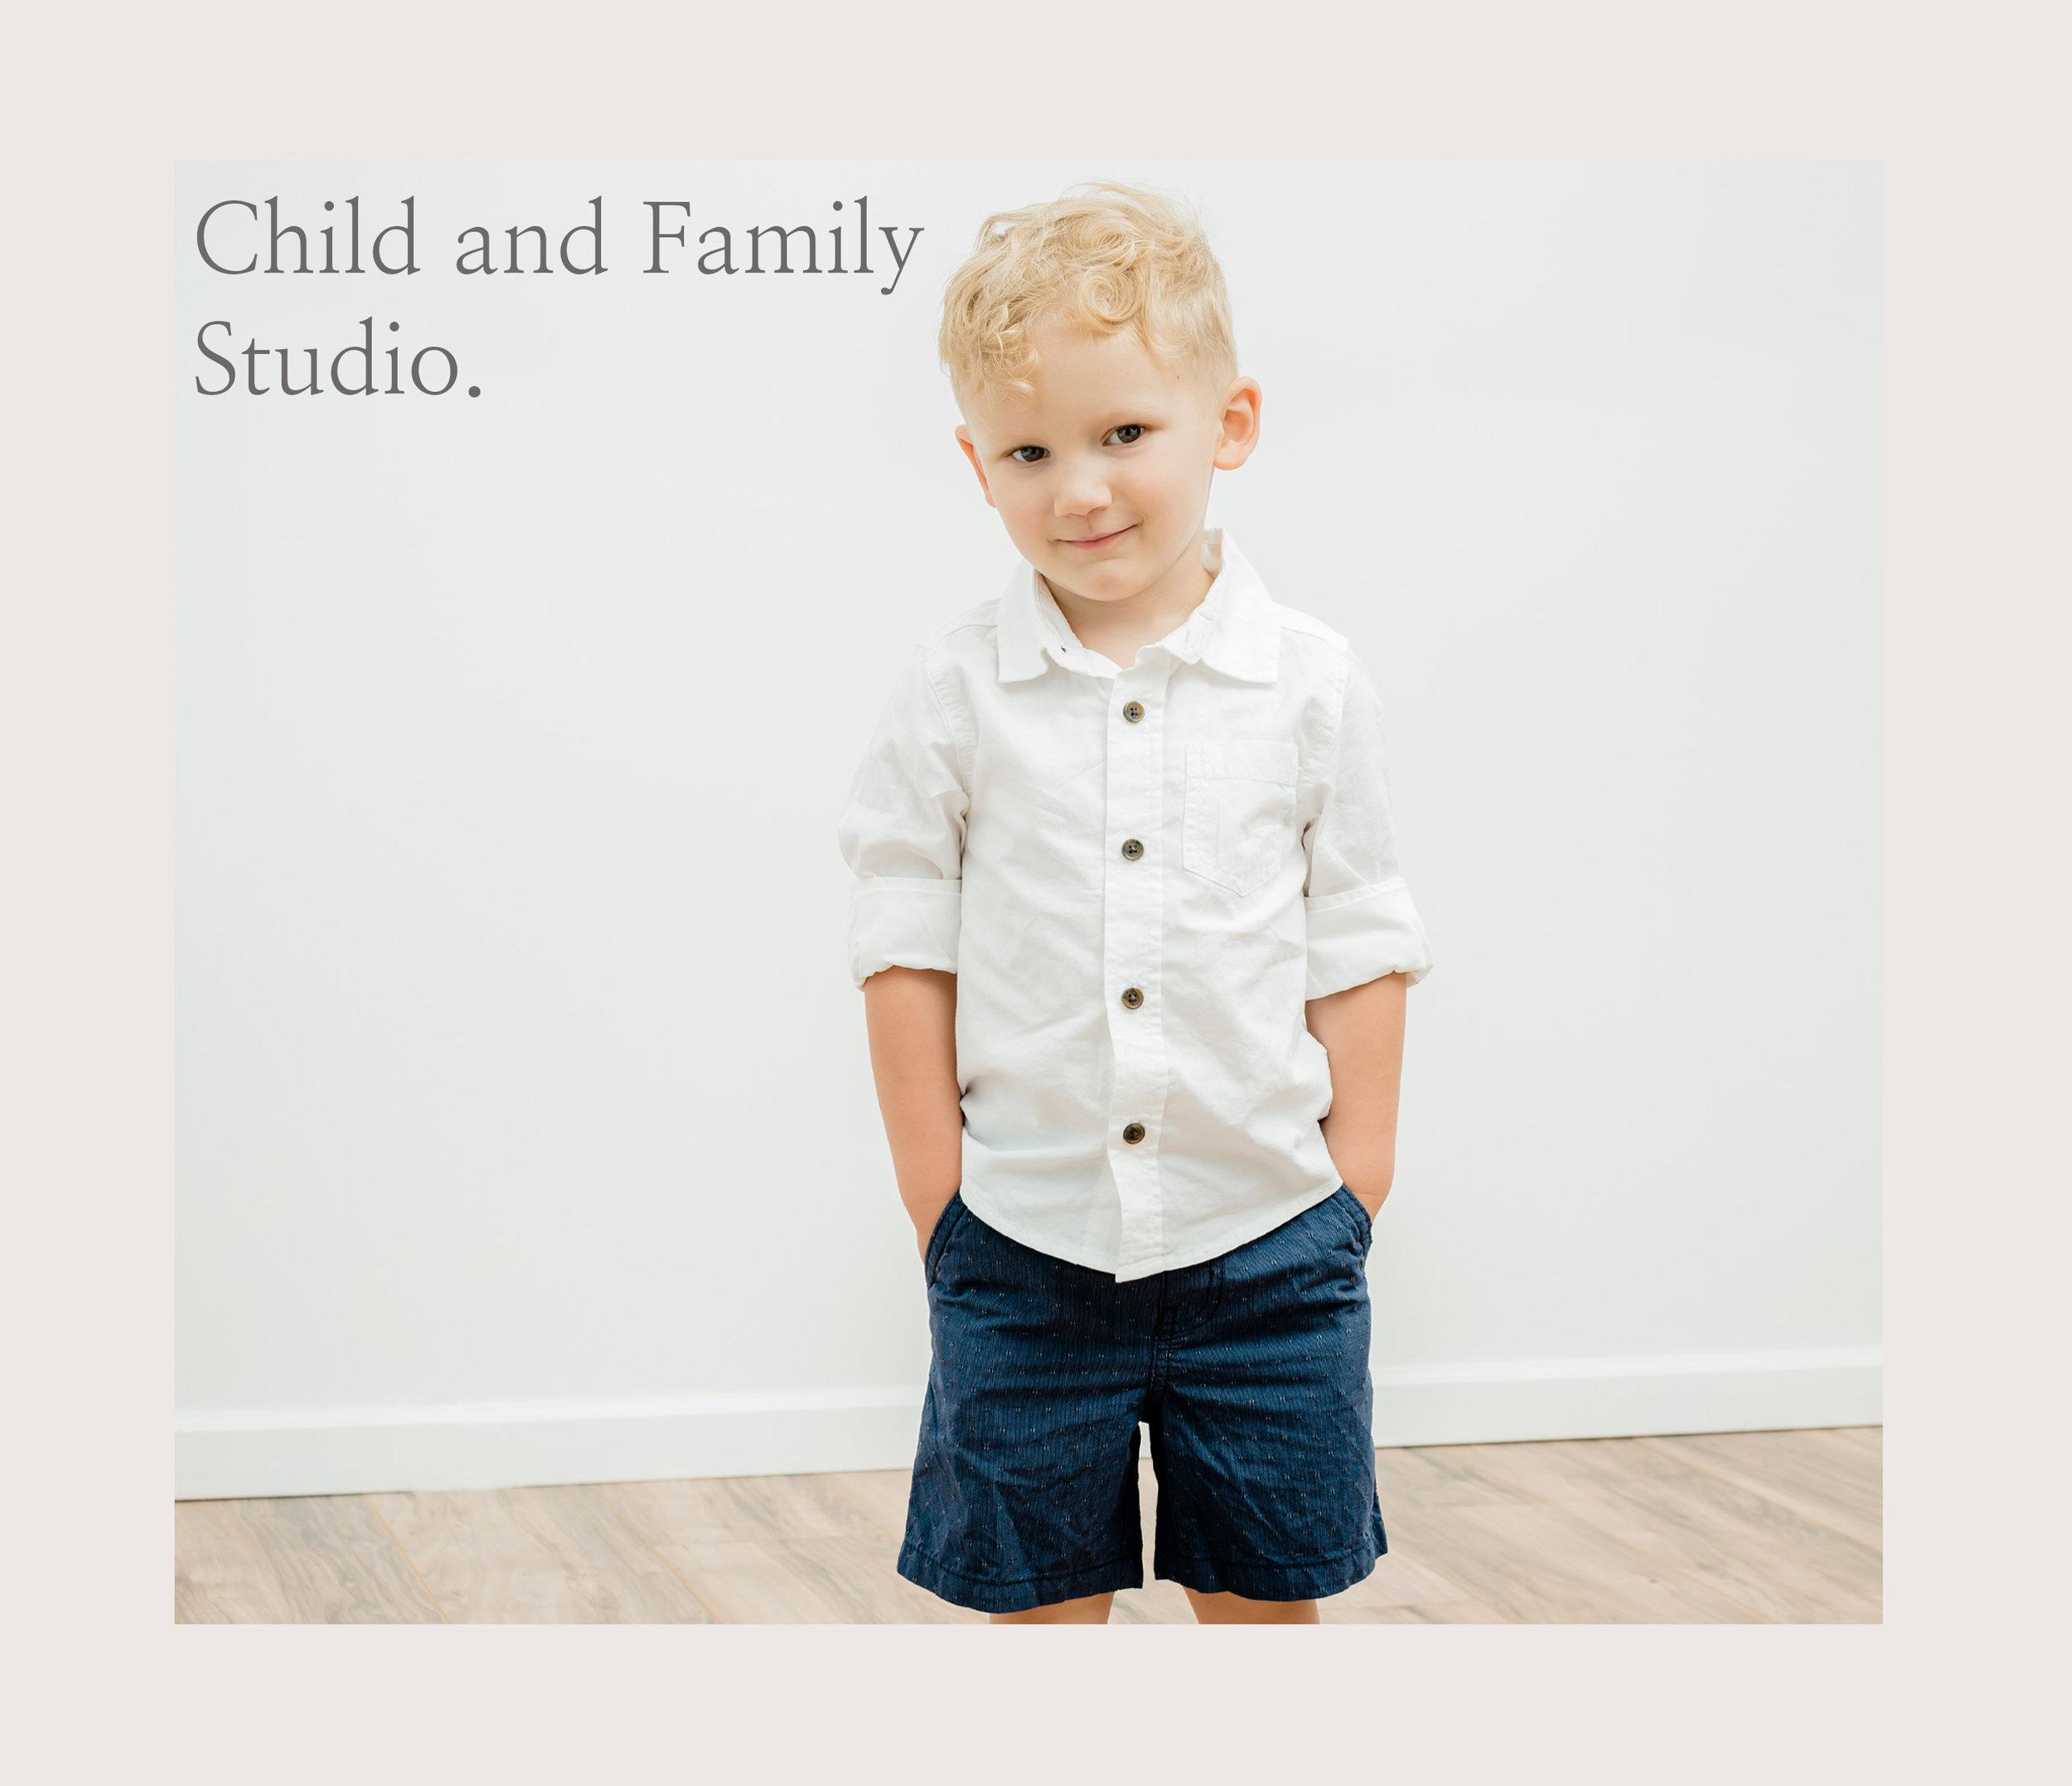 Childandfamilystudiov2a.jpg